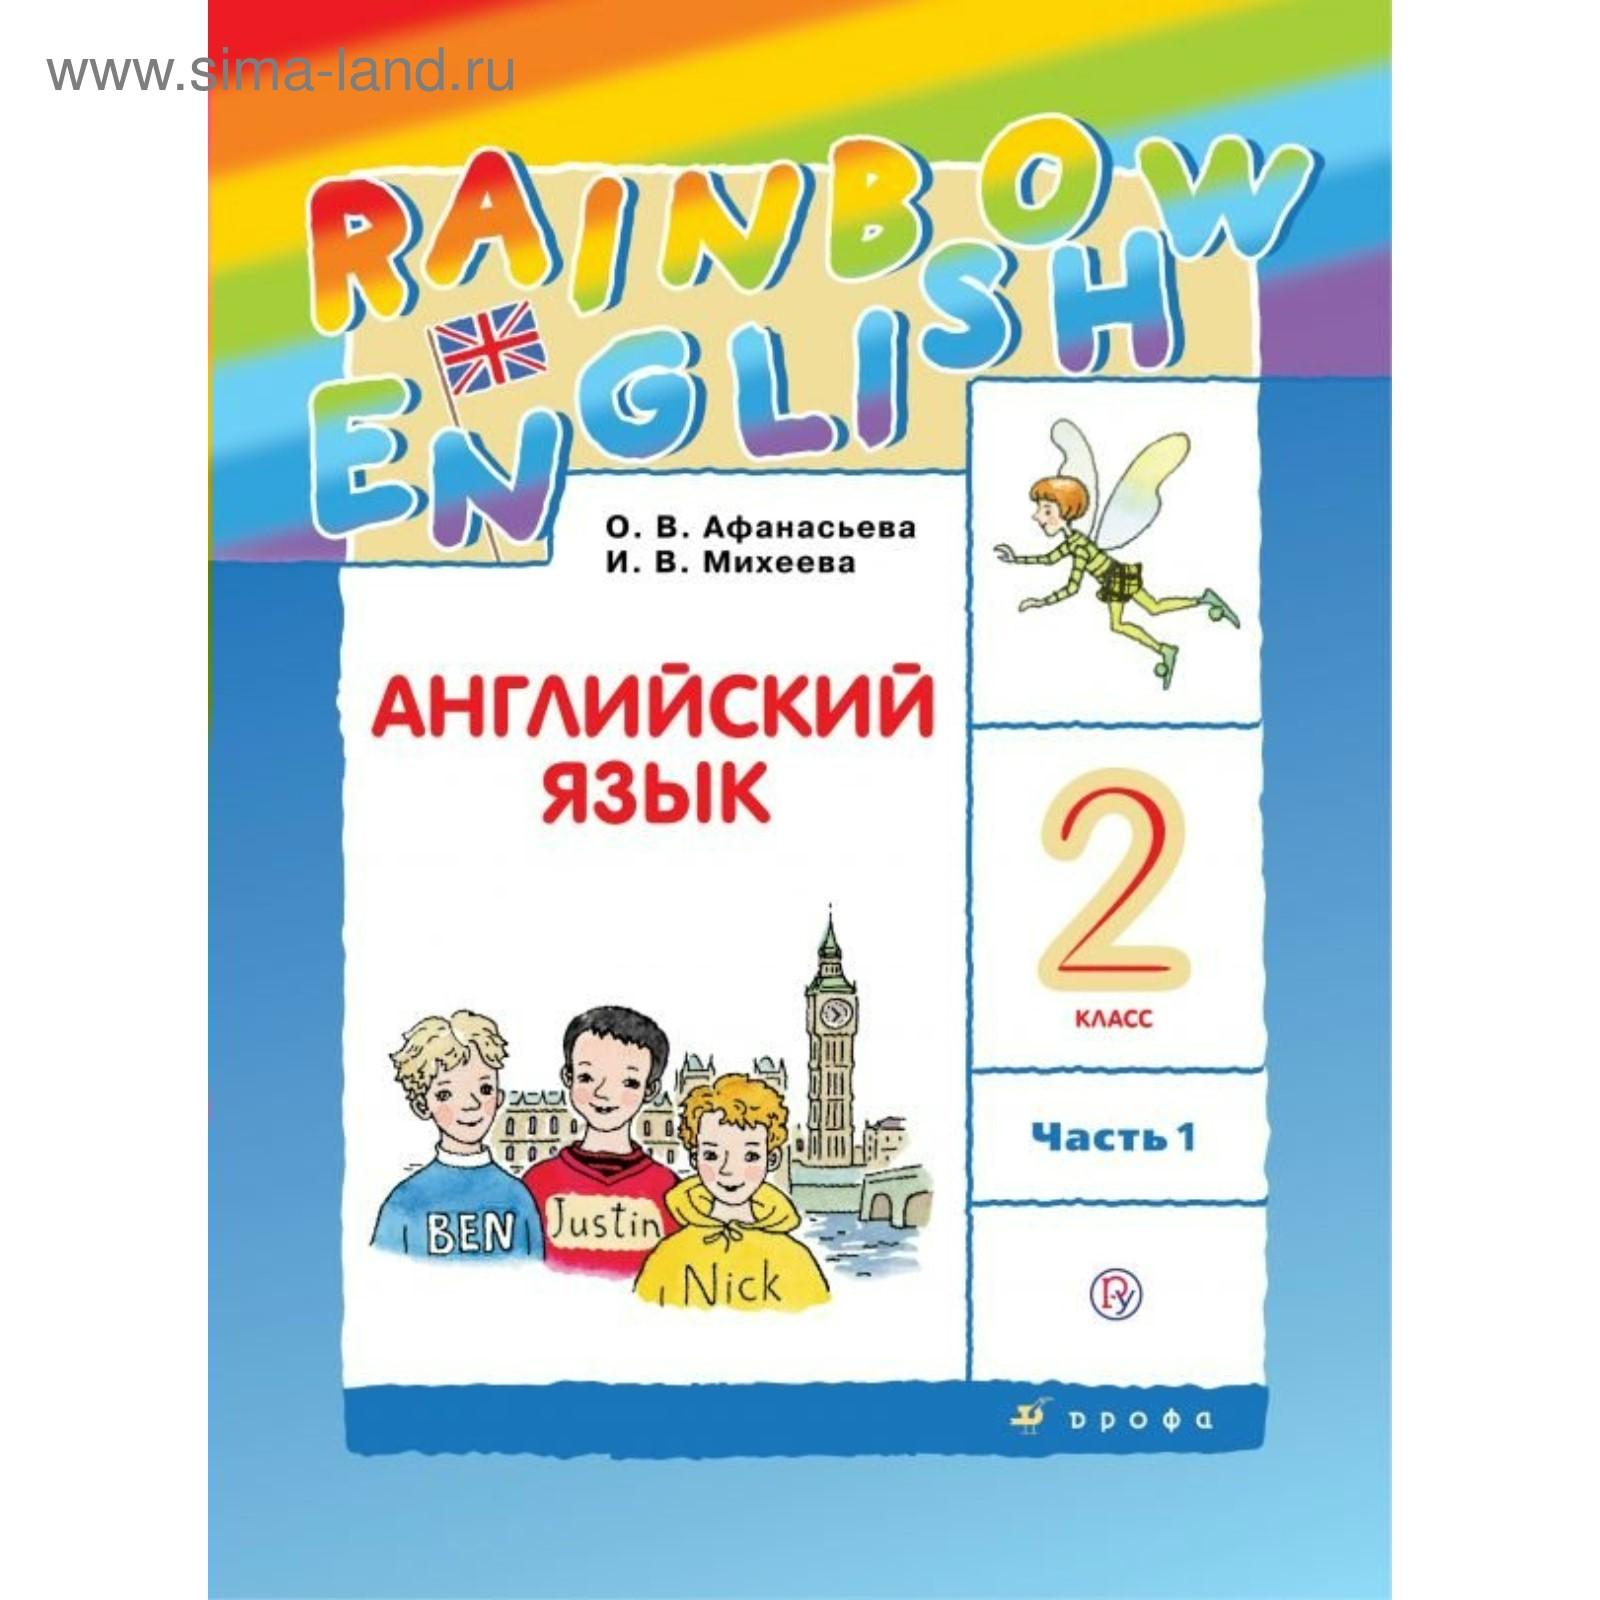 английский язык афанасьева 10 класс 2019